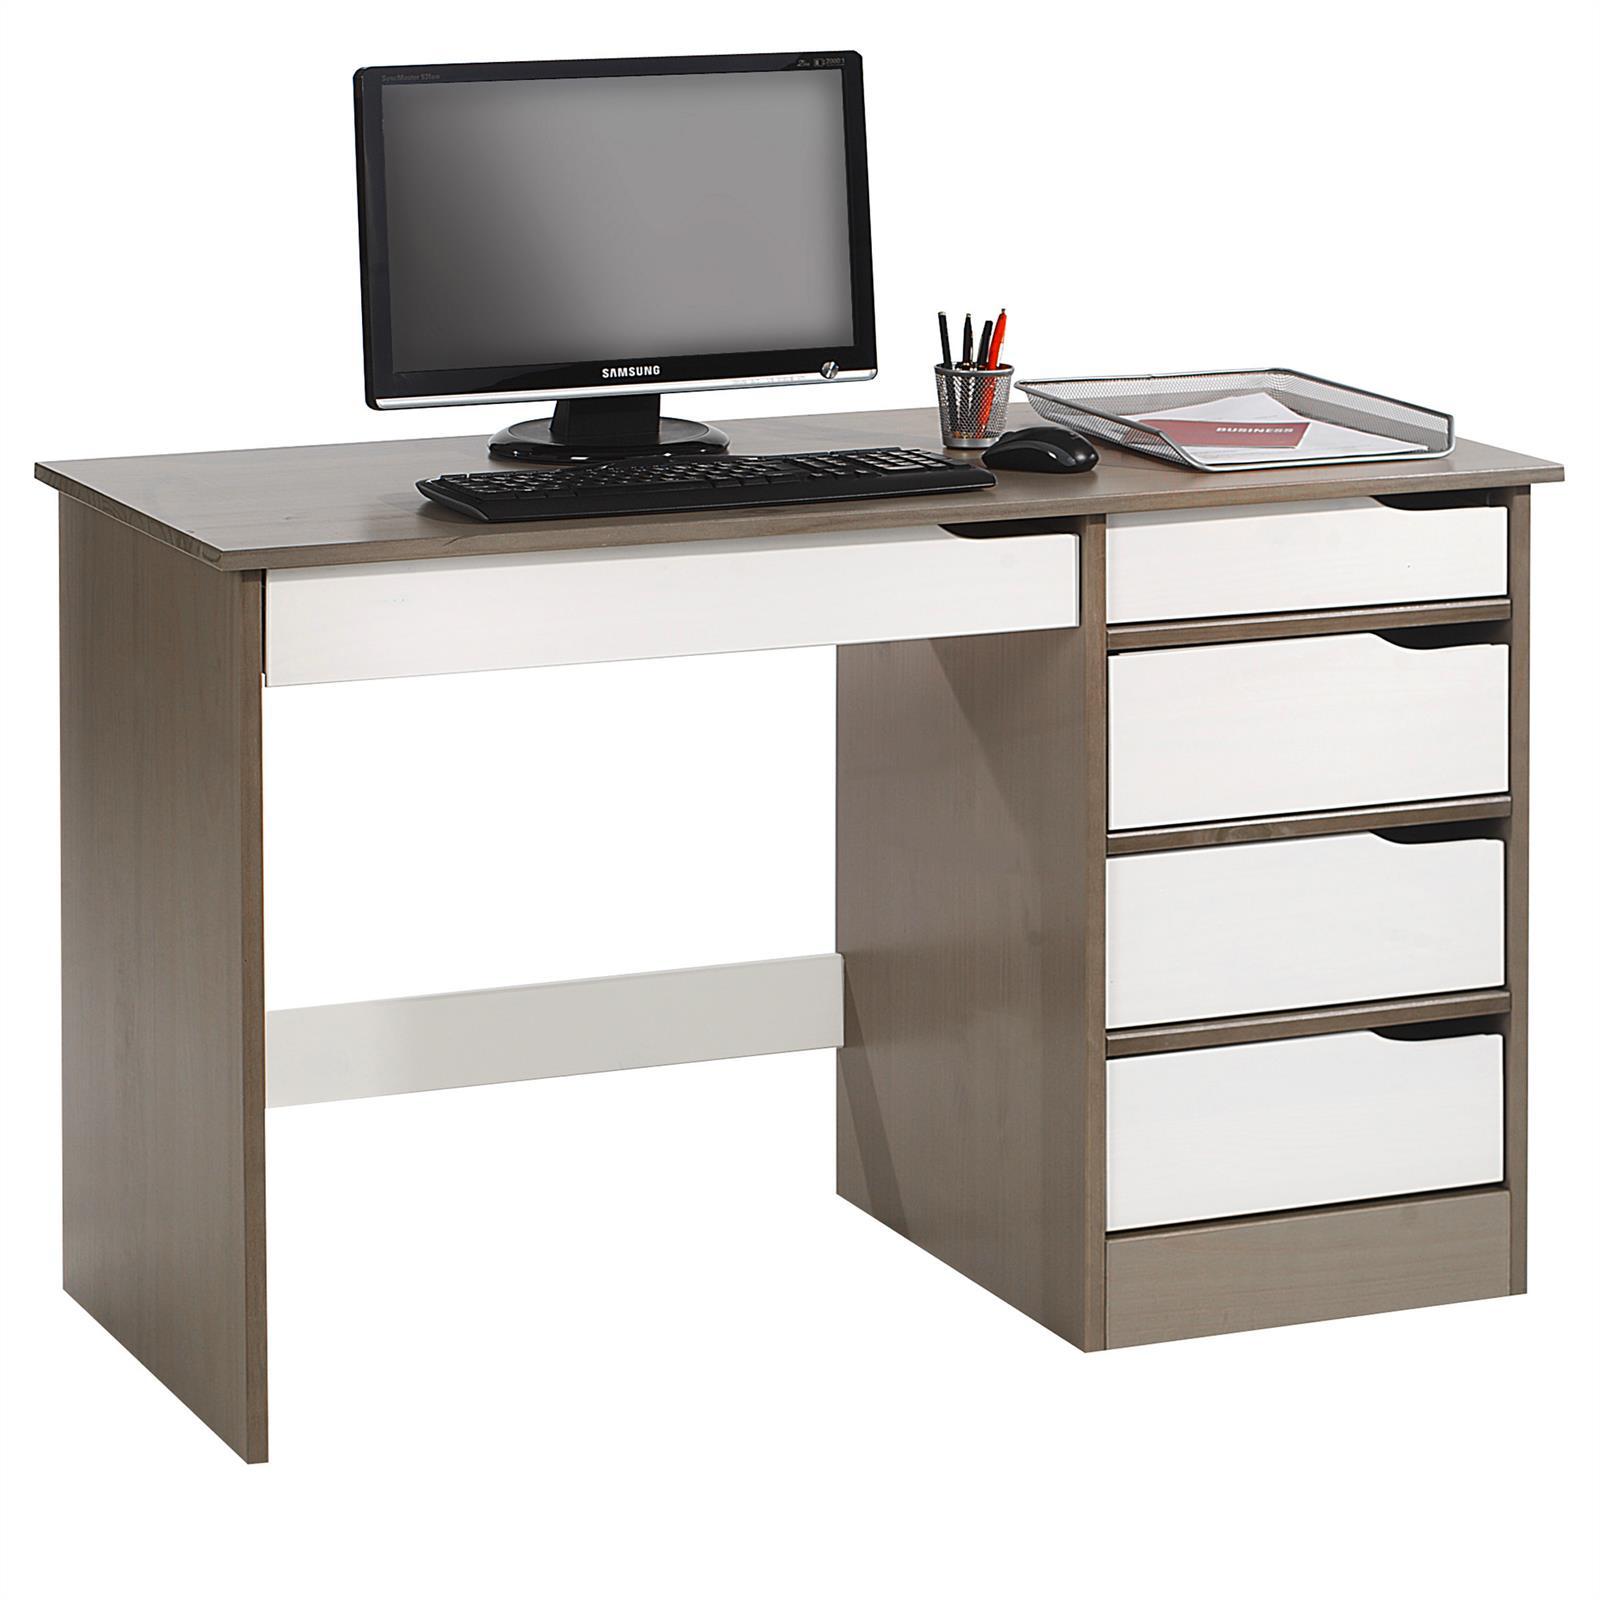 Schreibtisch hugo in kiefer massiv taupe wei mobilia24 for Schreibtisch in kiefer